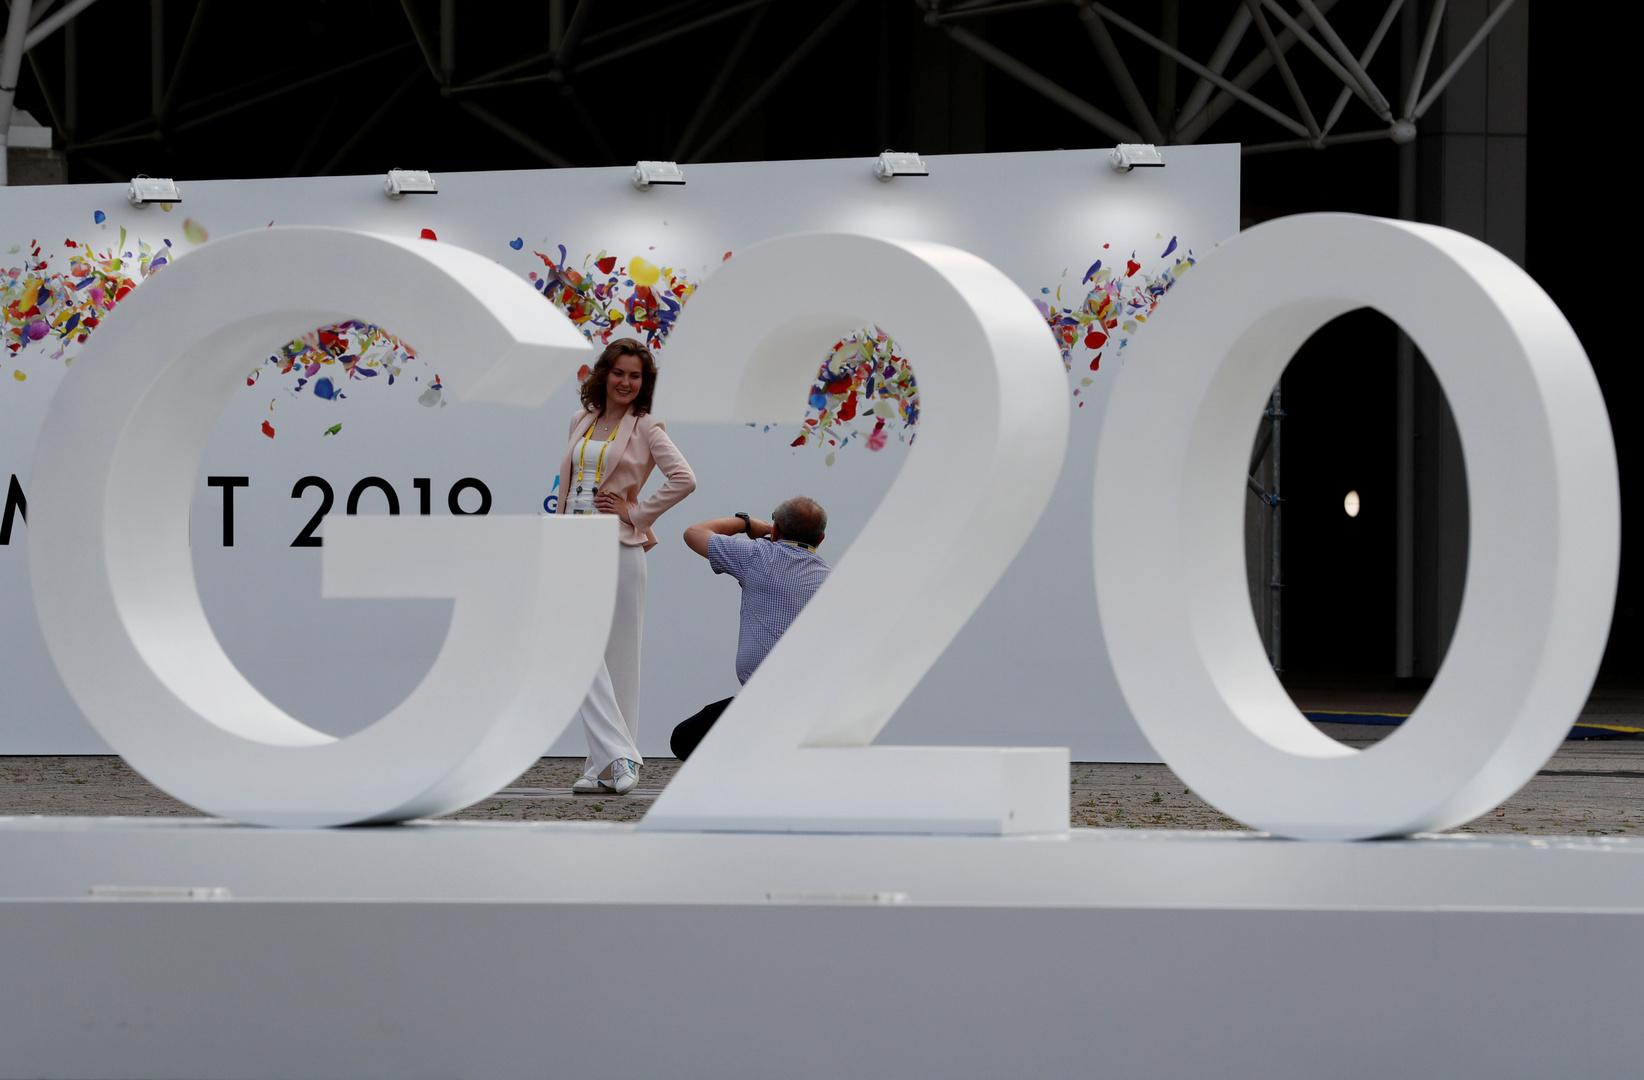 أزمة كورونا وتداعياتها الاقتصادية.. أبرز ملفات قمة العشرين في الرياض